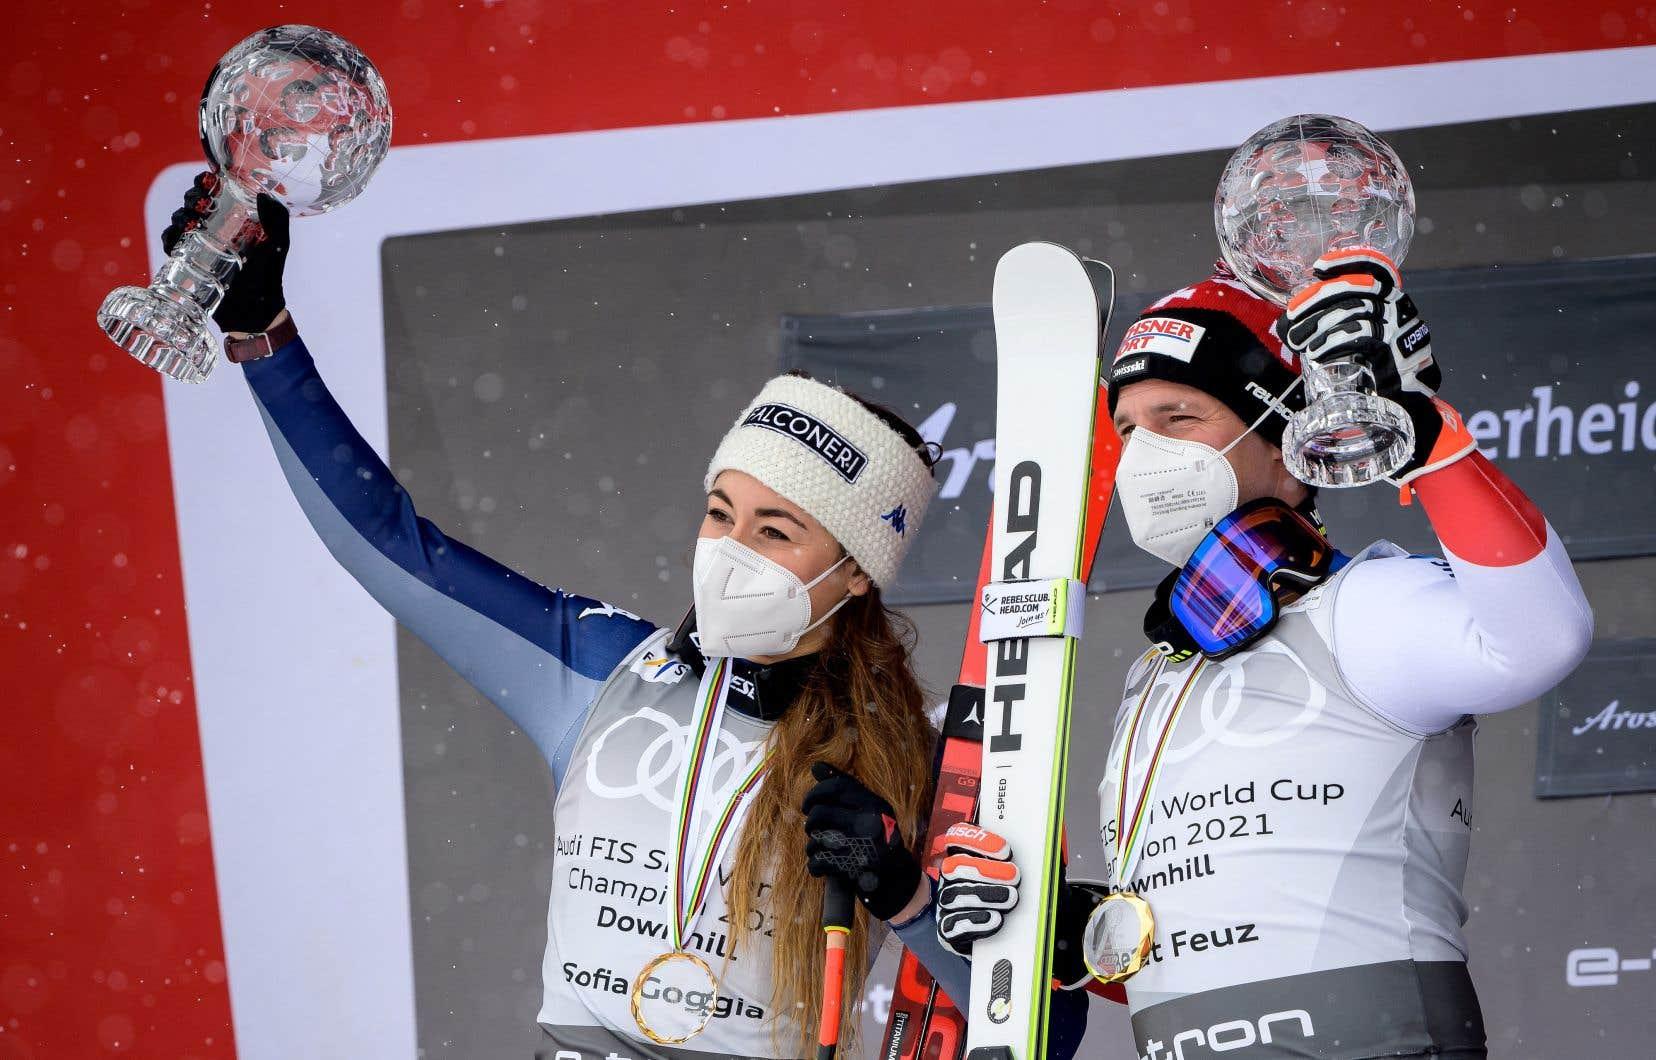 Le Suisse Beat Feuz et l'Italienne Sofia Goggia célèbrent sur le podium après avoir remporté le globe de cristal de la Coupe du monde de ski alpin pour la descente masculine et la descente féminine.